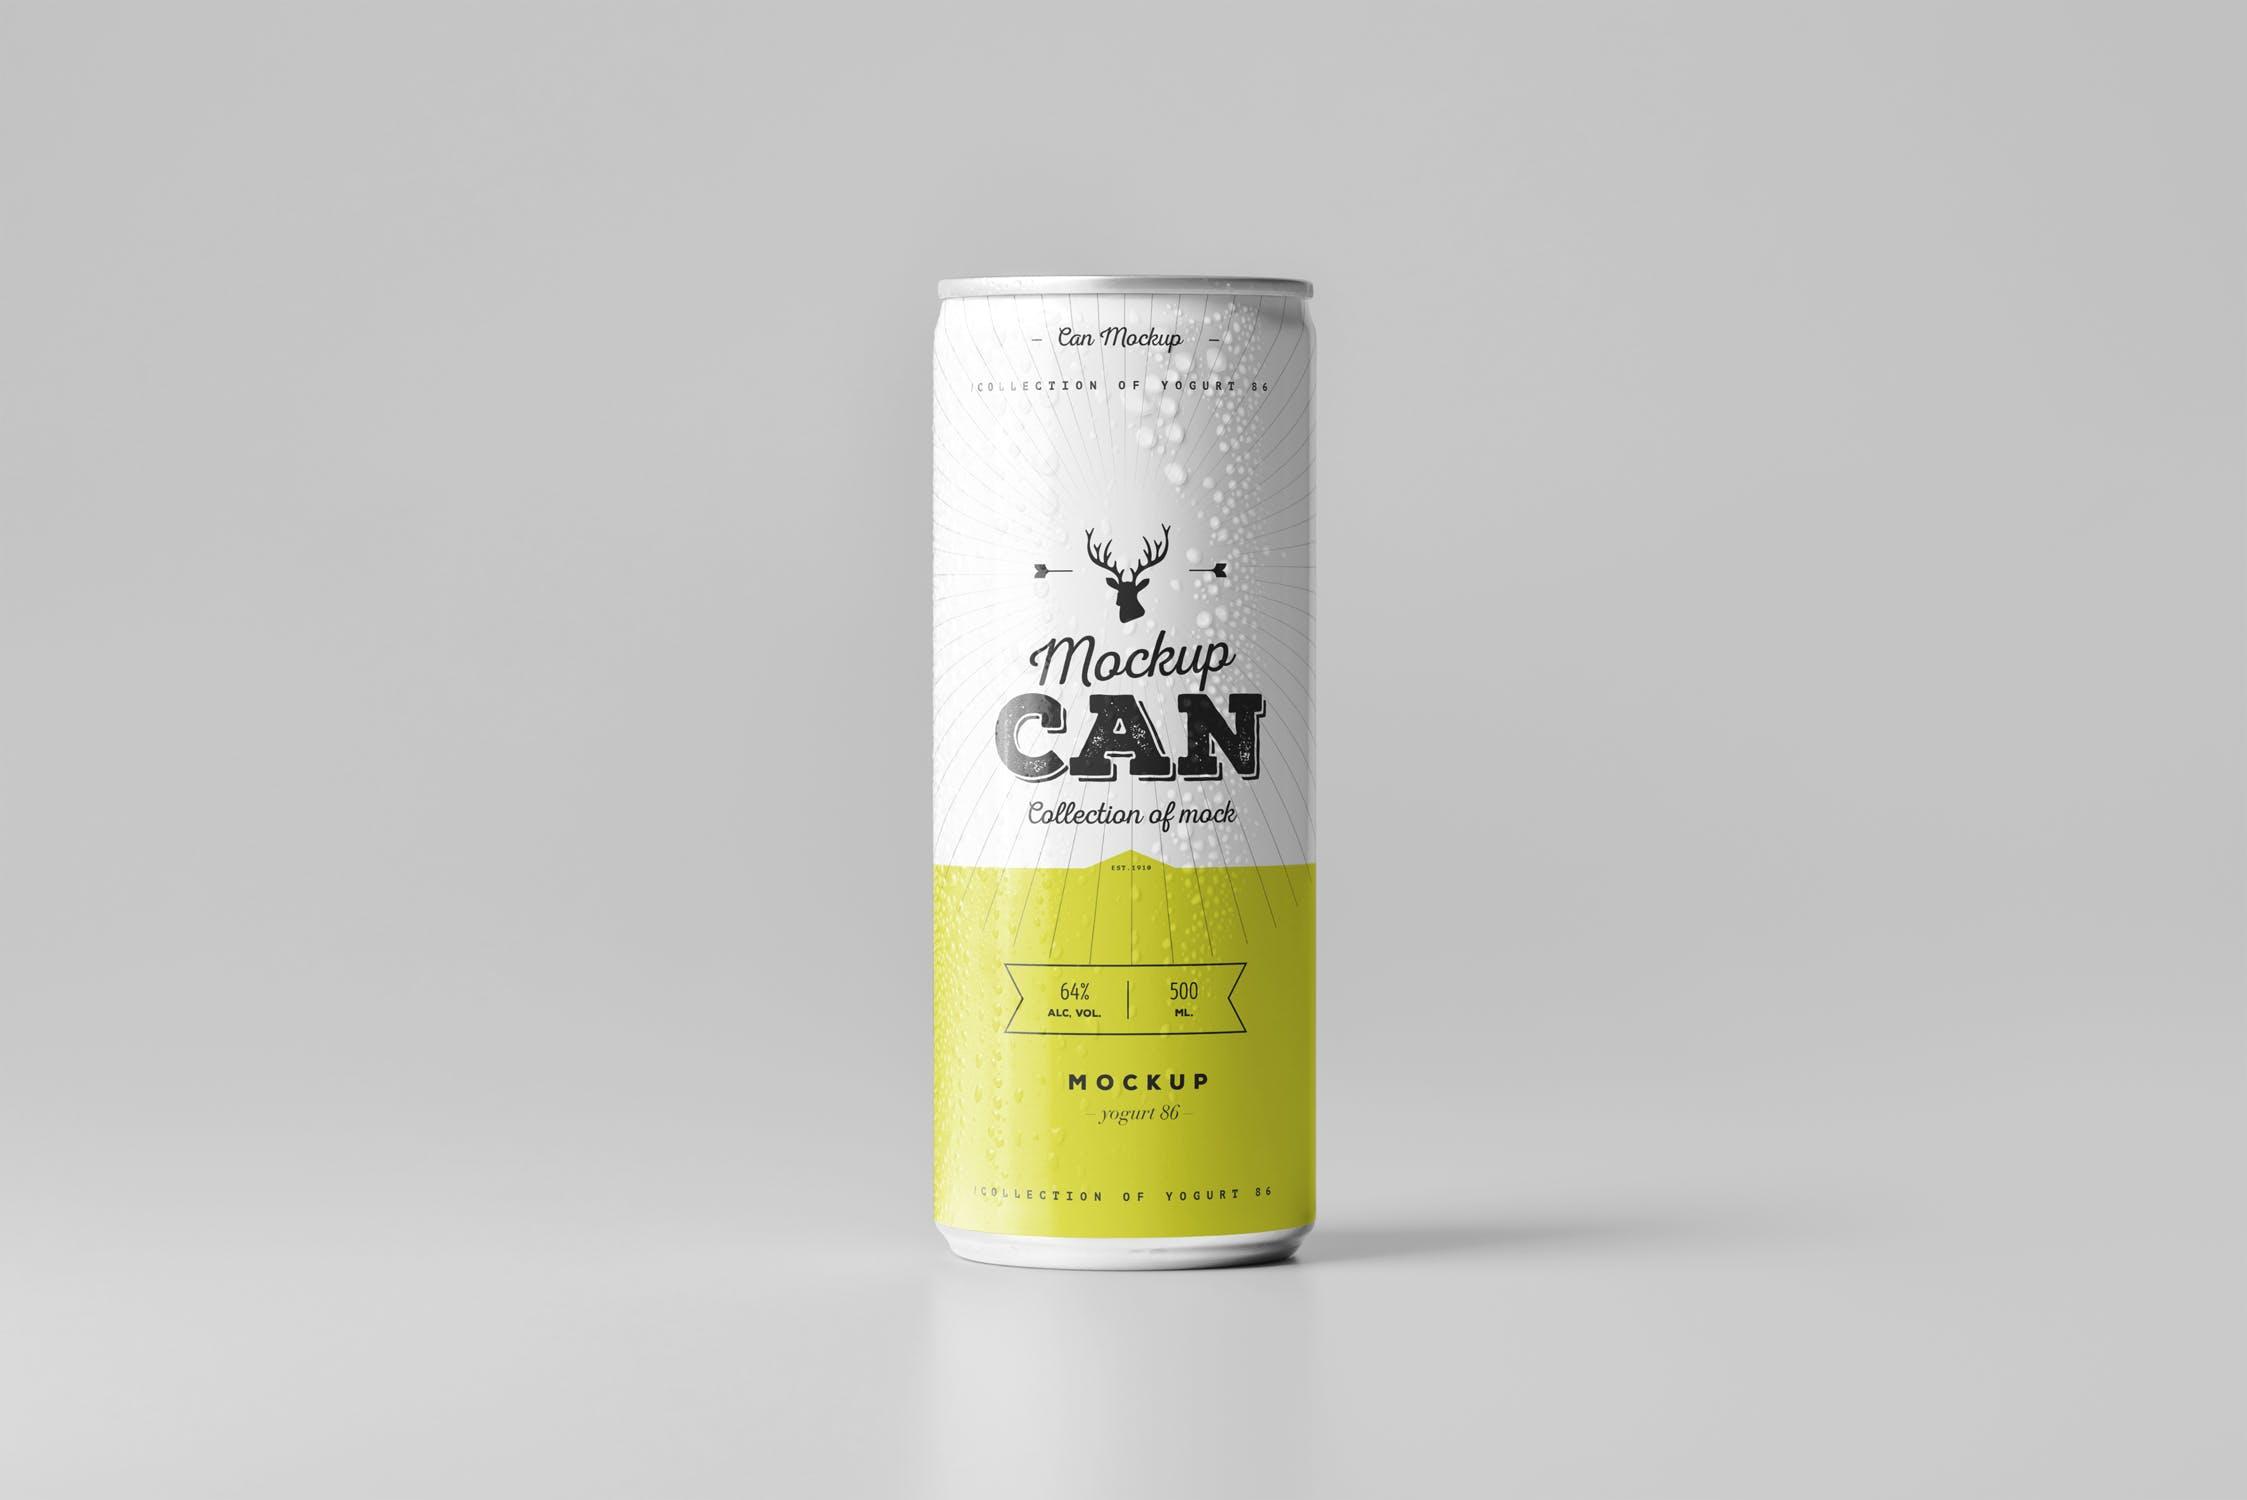 多场景排列啤酒样机模板展示效果图Can Mock-up 3